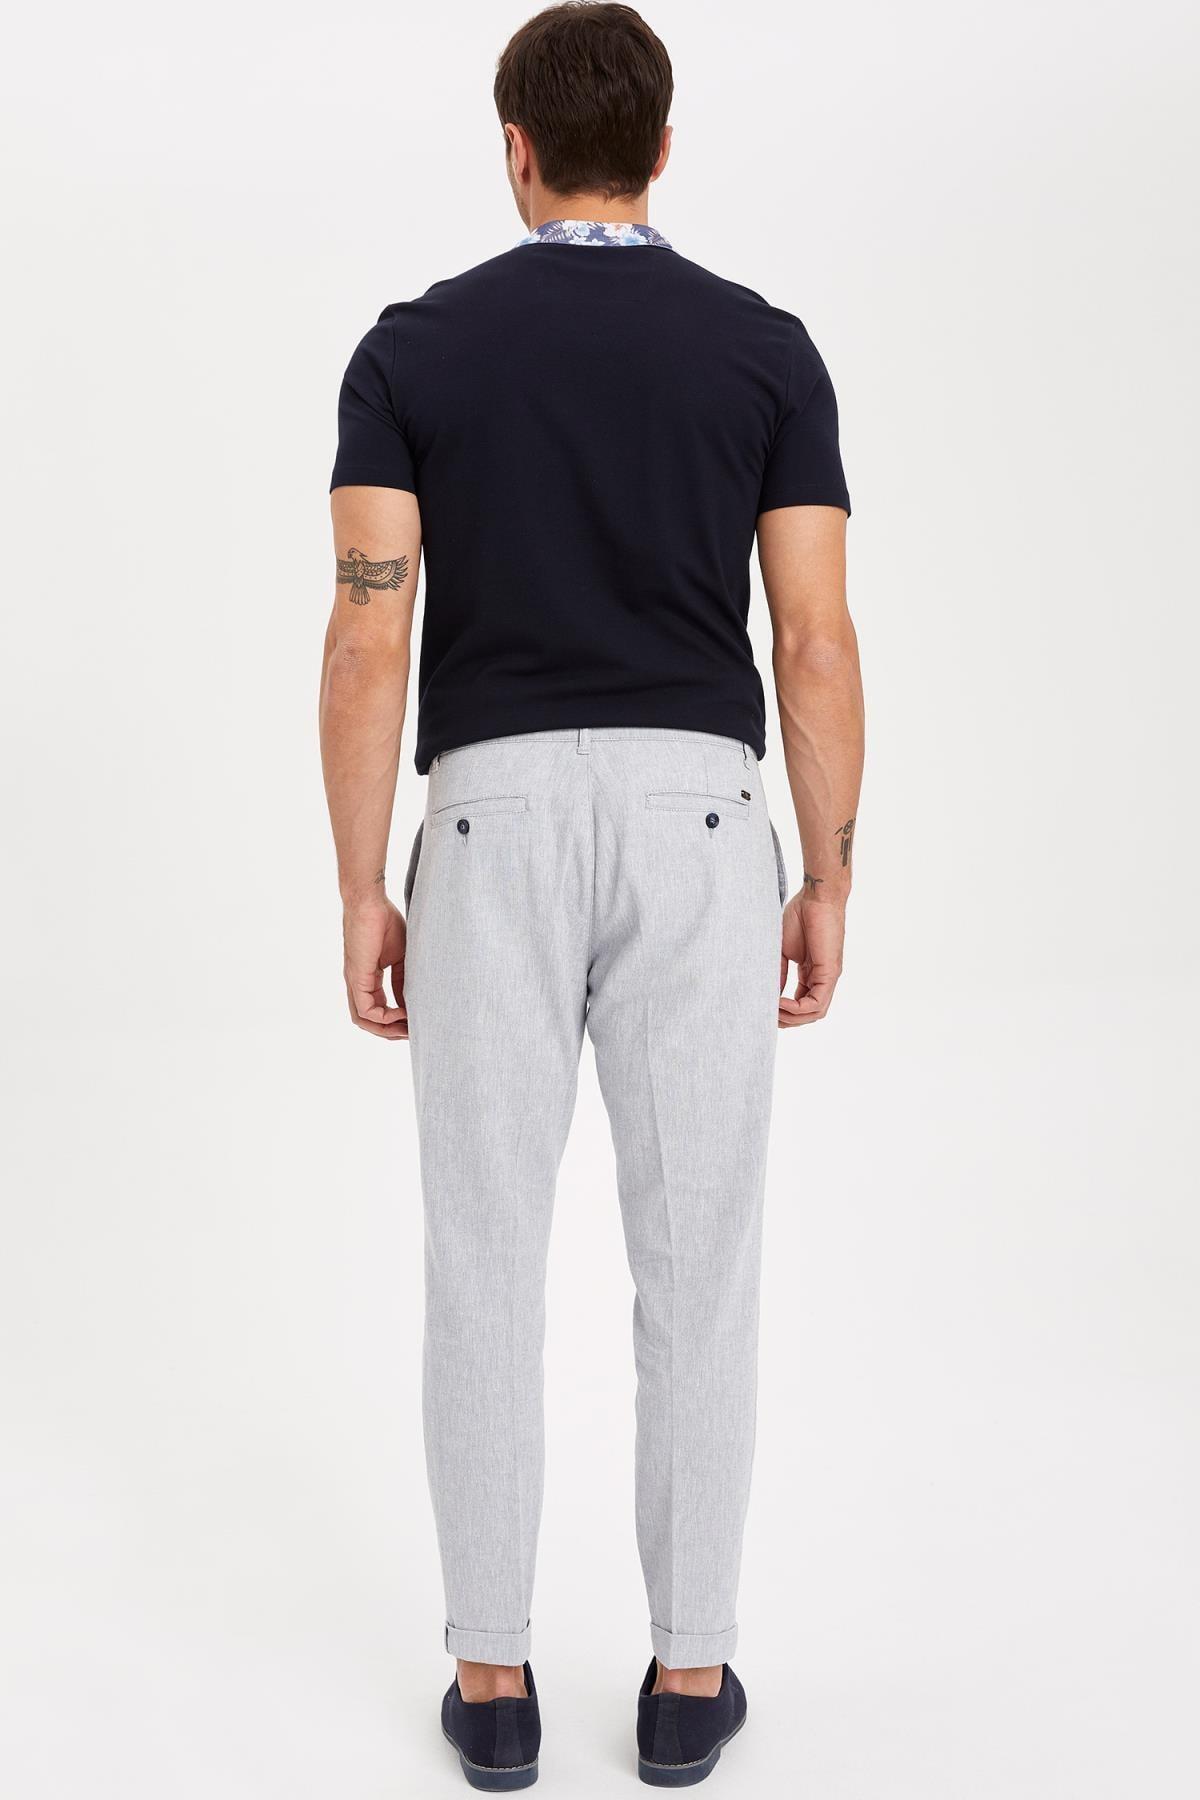 Defacto Erkek Mavi Keten Karışım Crop Fit Pantolon K3255AZ.19SM.BE393 1